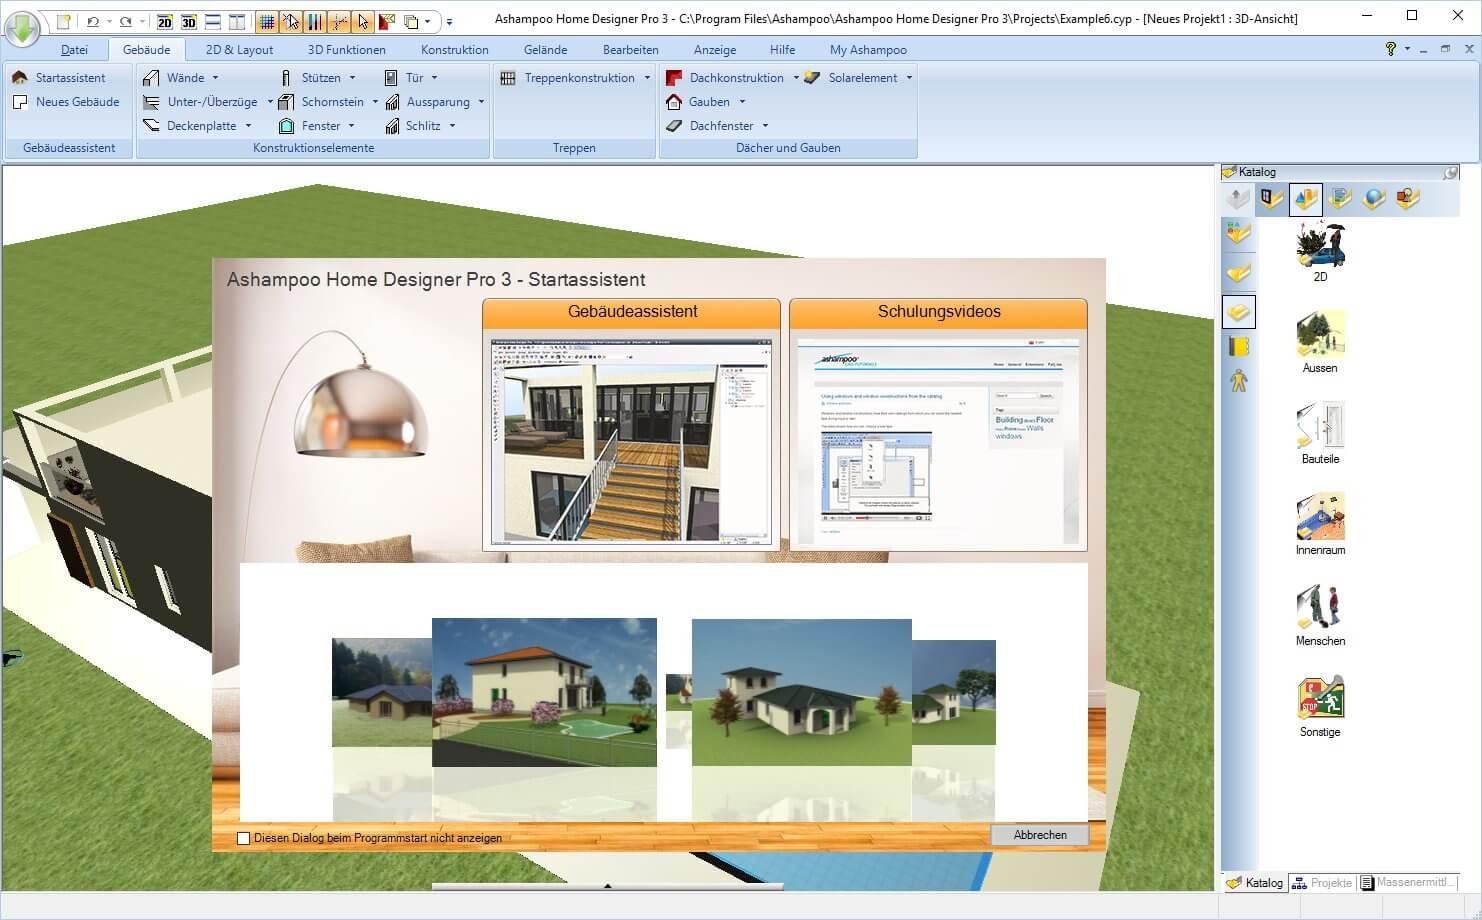 Ashampoo Home Designer Pro - Häuser am PC entwerfen Download